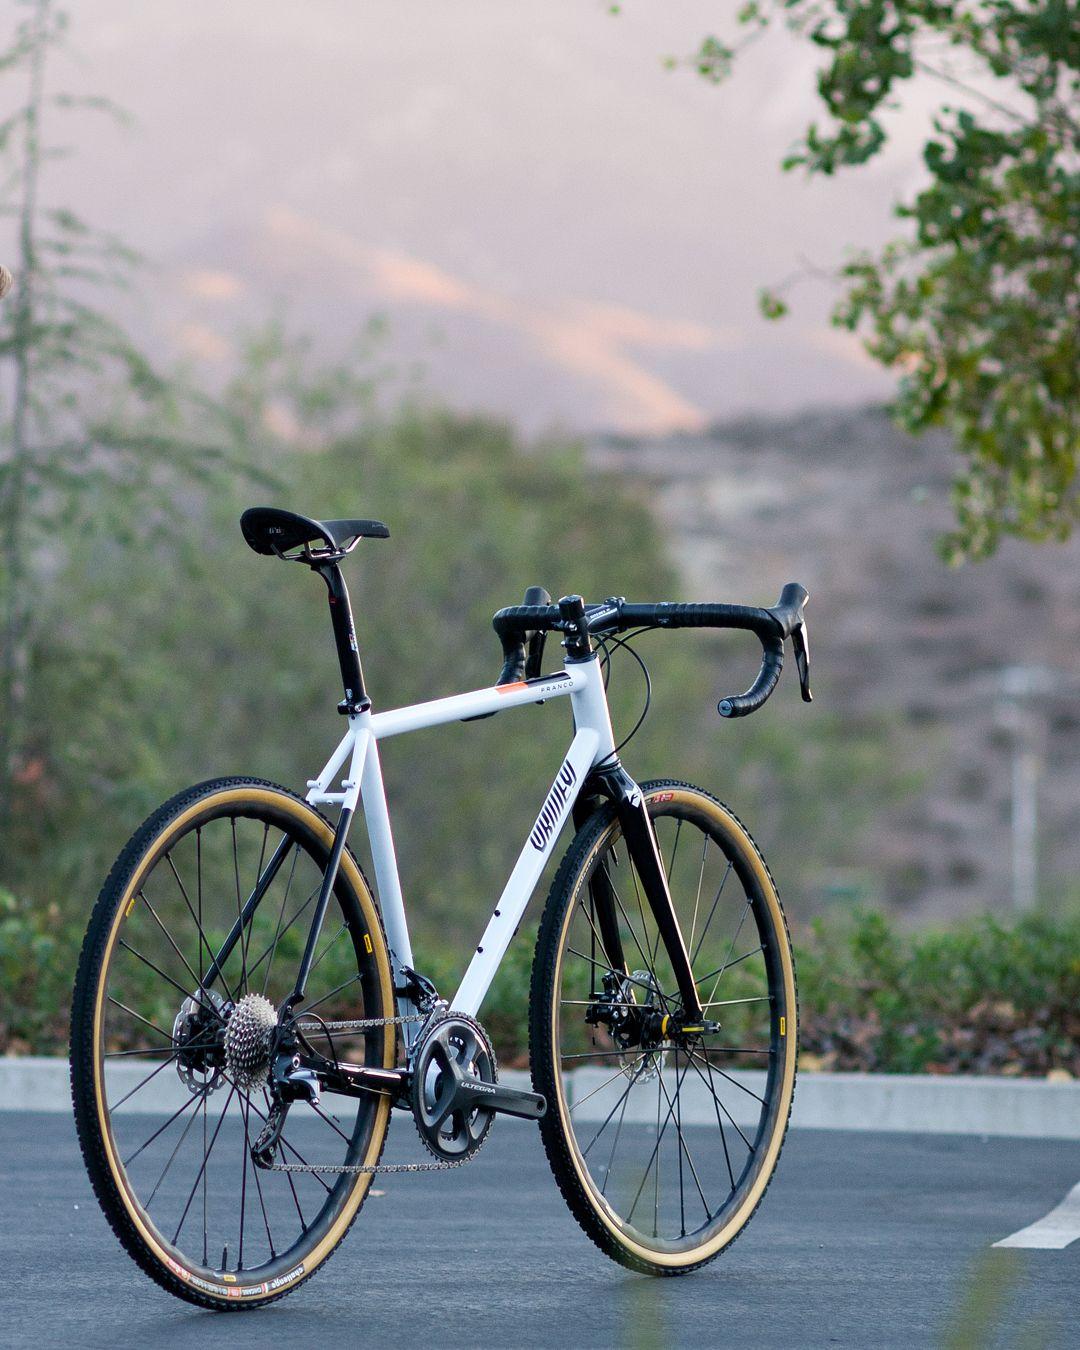 Franco Grimes Gravel Grinder All Road Bici Fixie Bici Bici